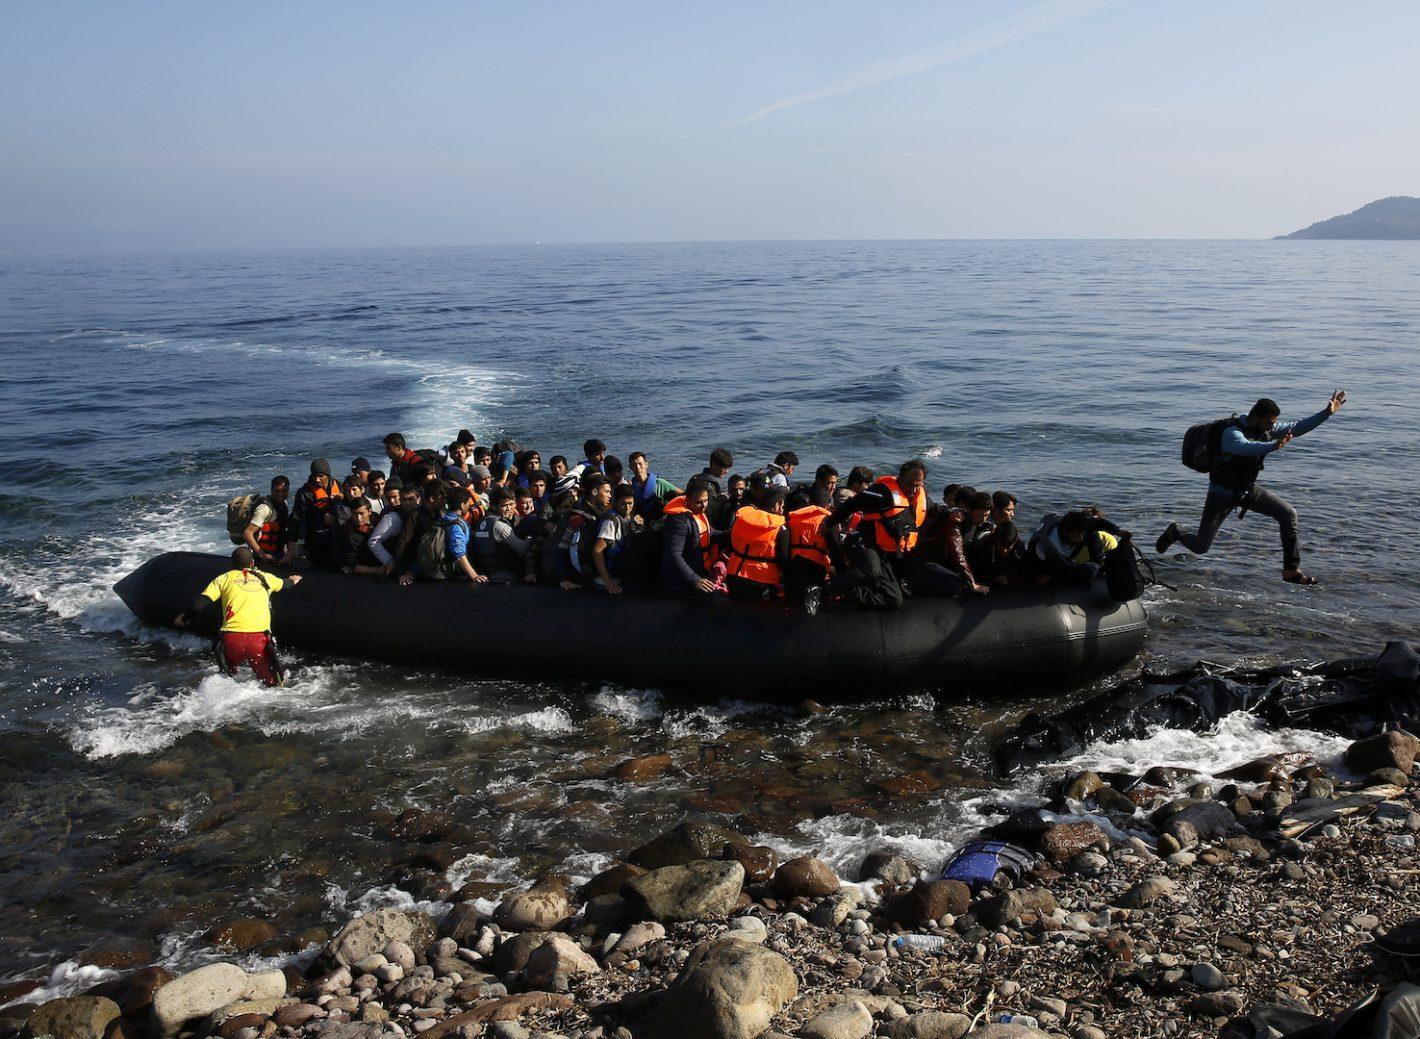 Un migrant Afghan saute d'un radeau bondé sur une plage de l'île grecque de Lesbos, après une traversée depuis la côte turque. 19 octobre 2015 - REUTERS/Yannis Behrakis